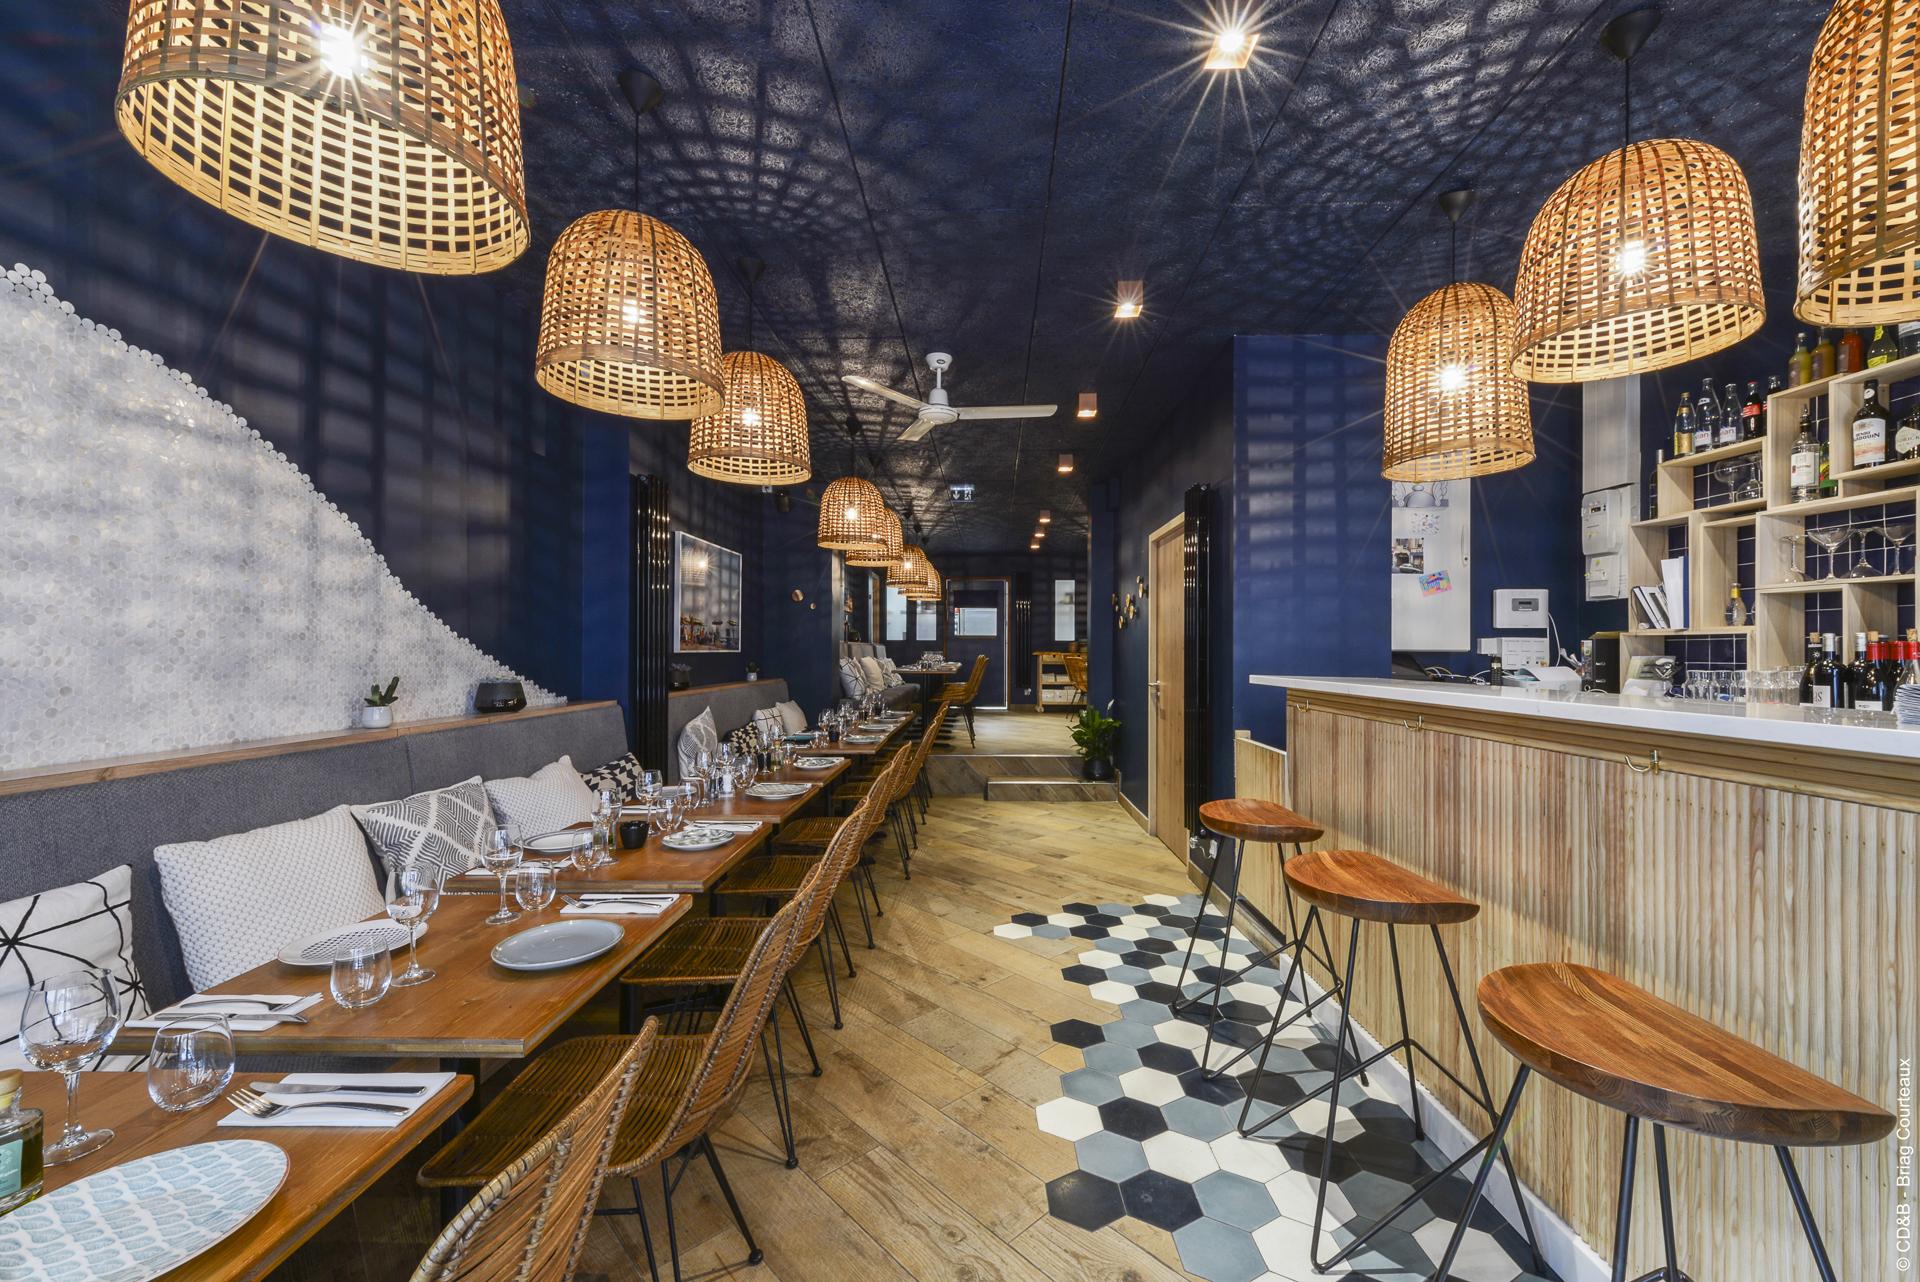 Conseil, aménagement, conception et réalisation des espaces du restaurant L'Épuisette par CDB, Meet you there.